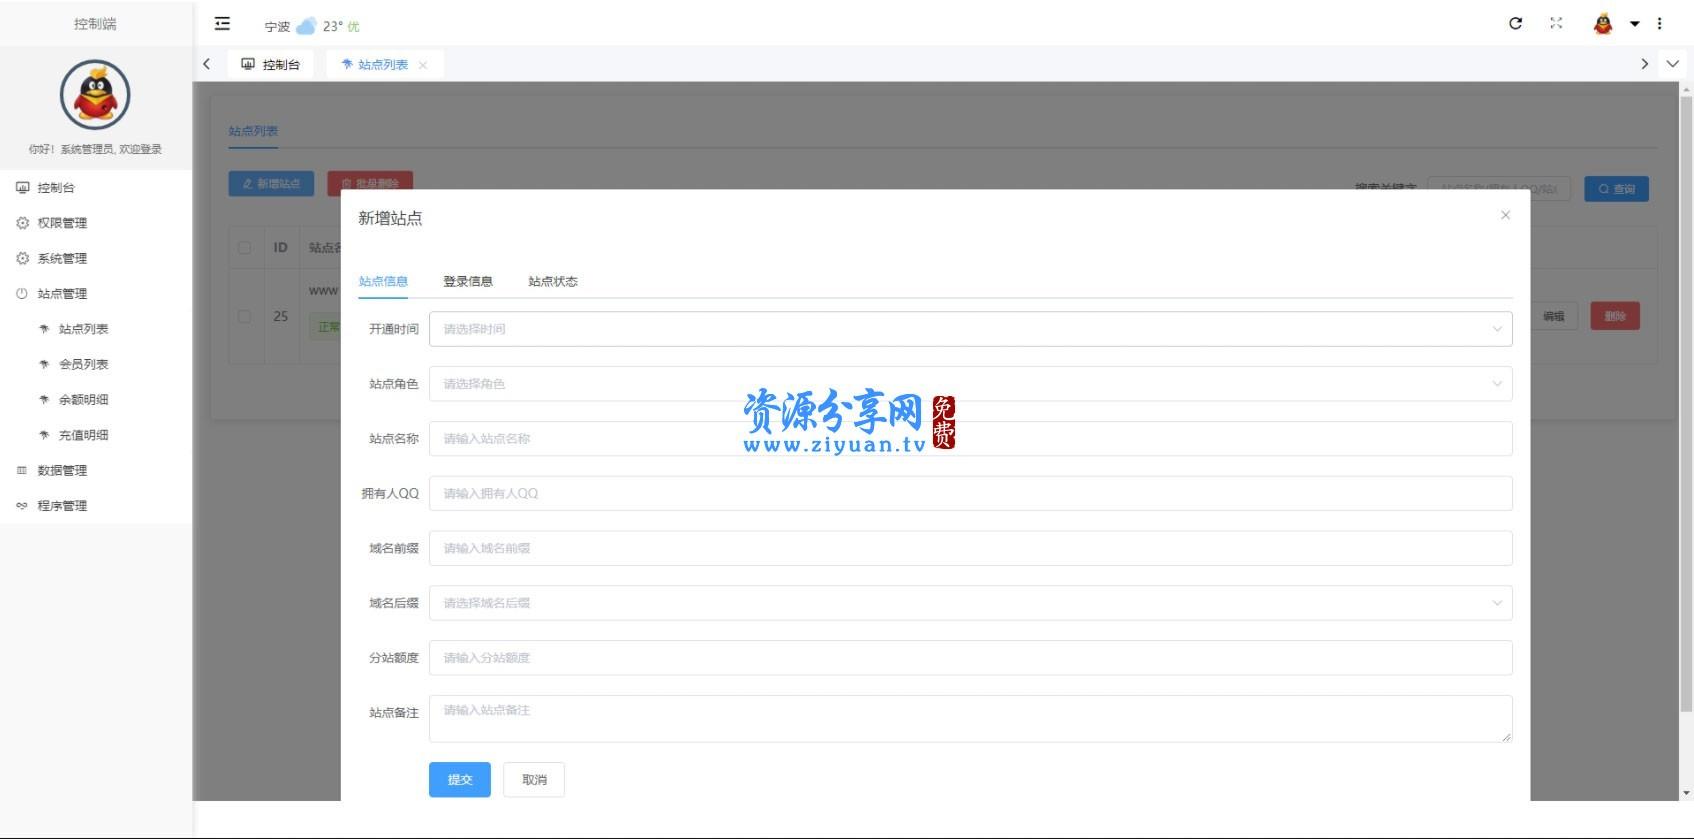 云乐购社区系统 开源版+易支付+码支付+附带 2 套精美模板